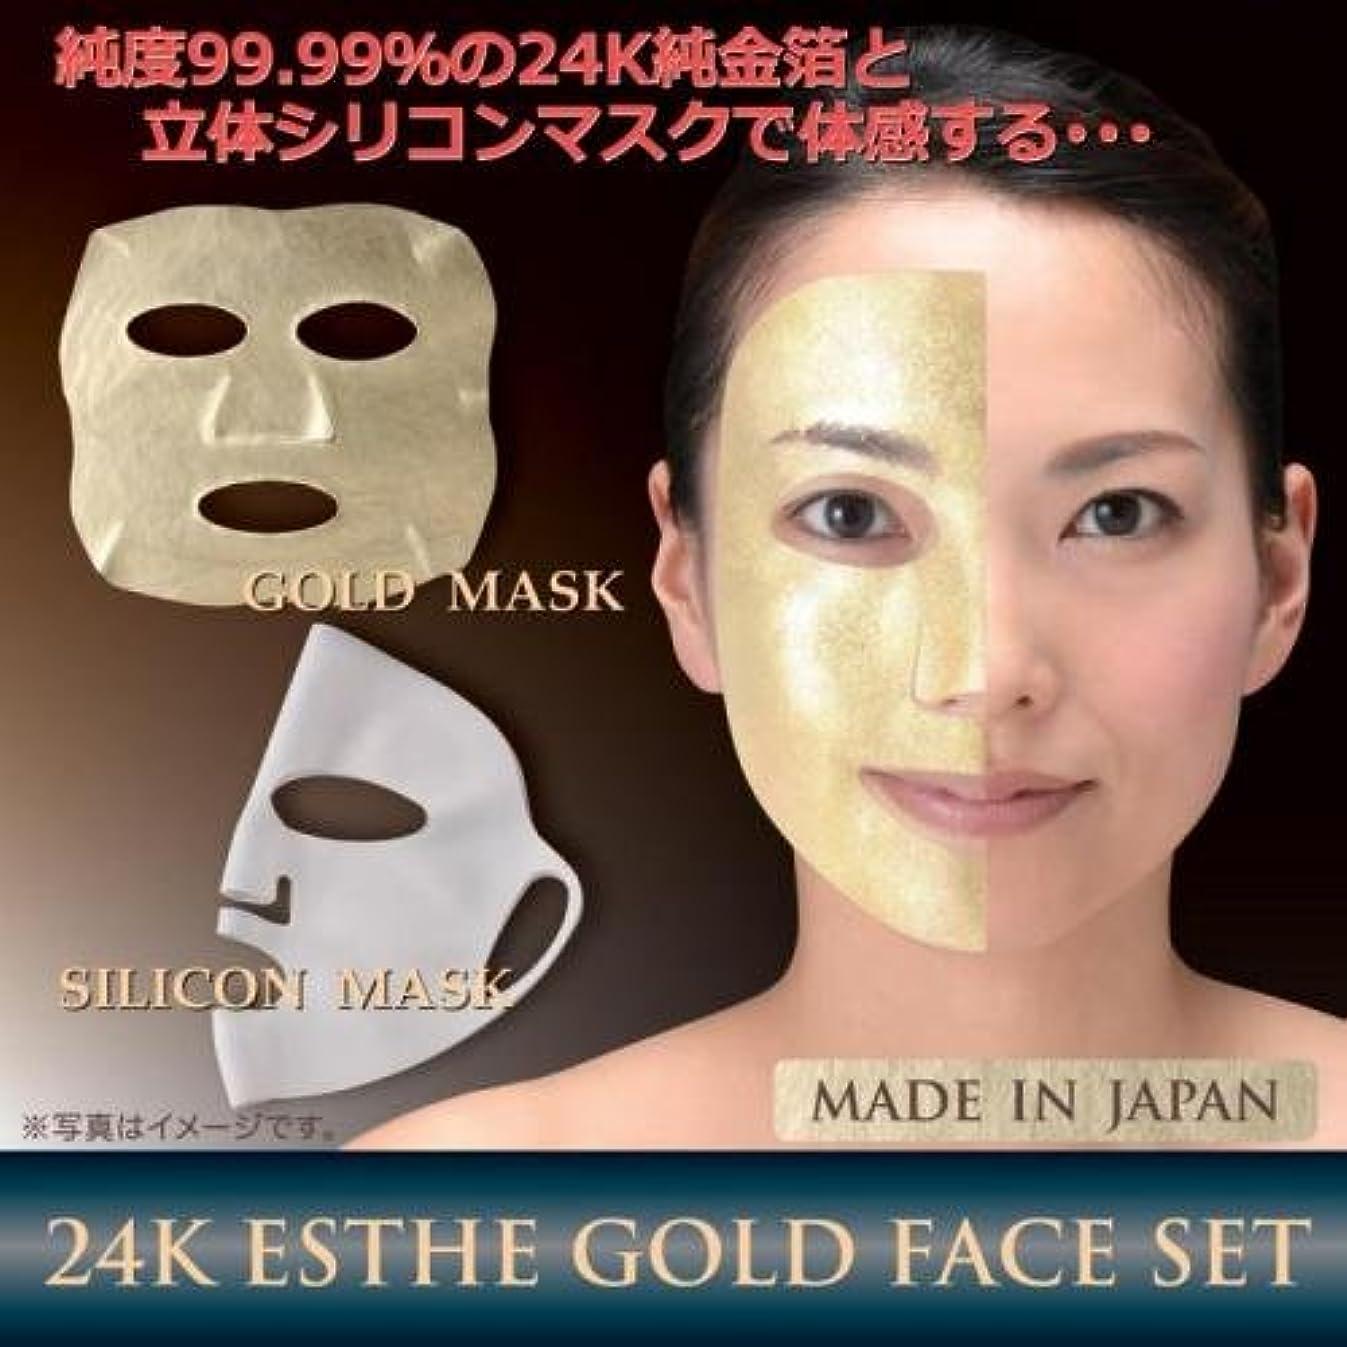 びっくりしたモールその間後藤 24K エステゴールドフェイス セット 金箔マスク×1、シリコンマスク×1